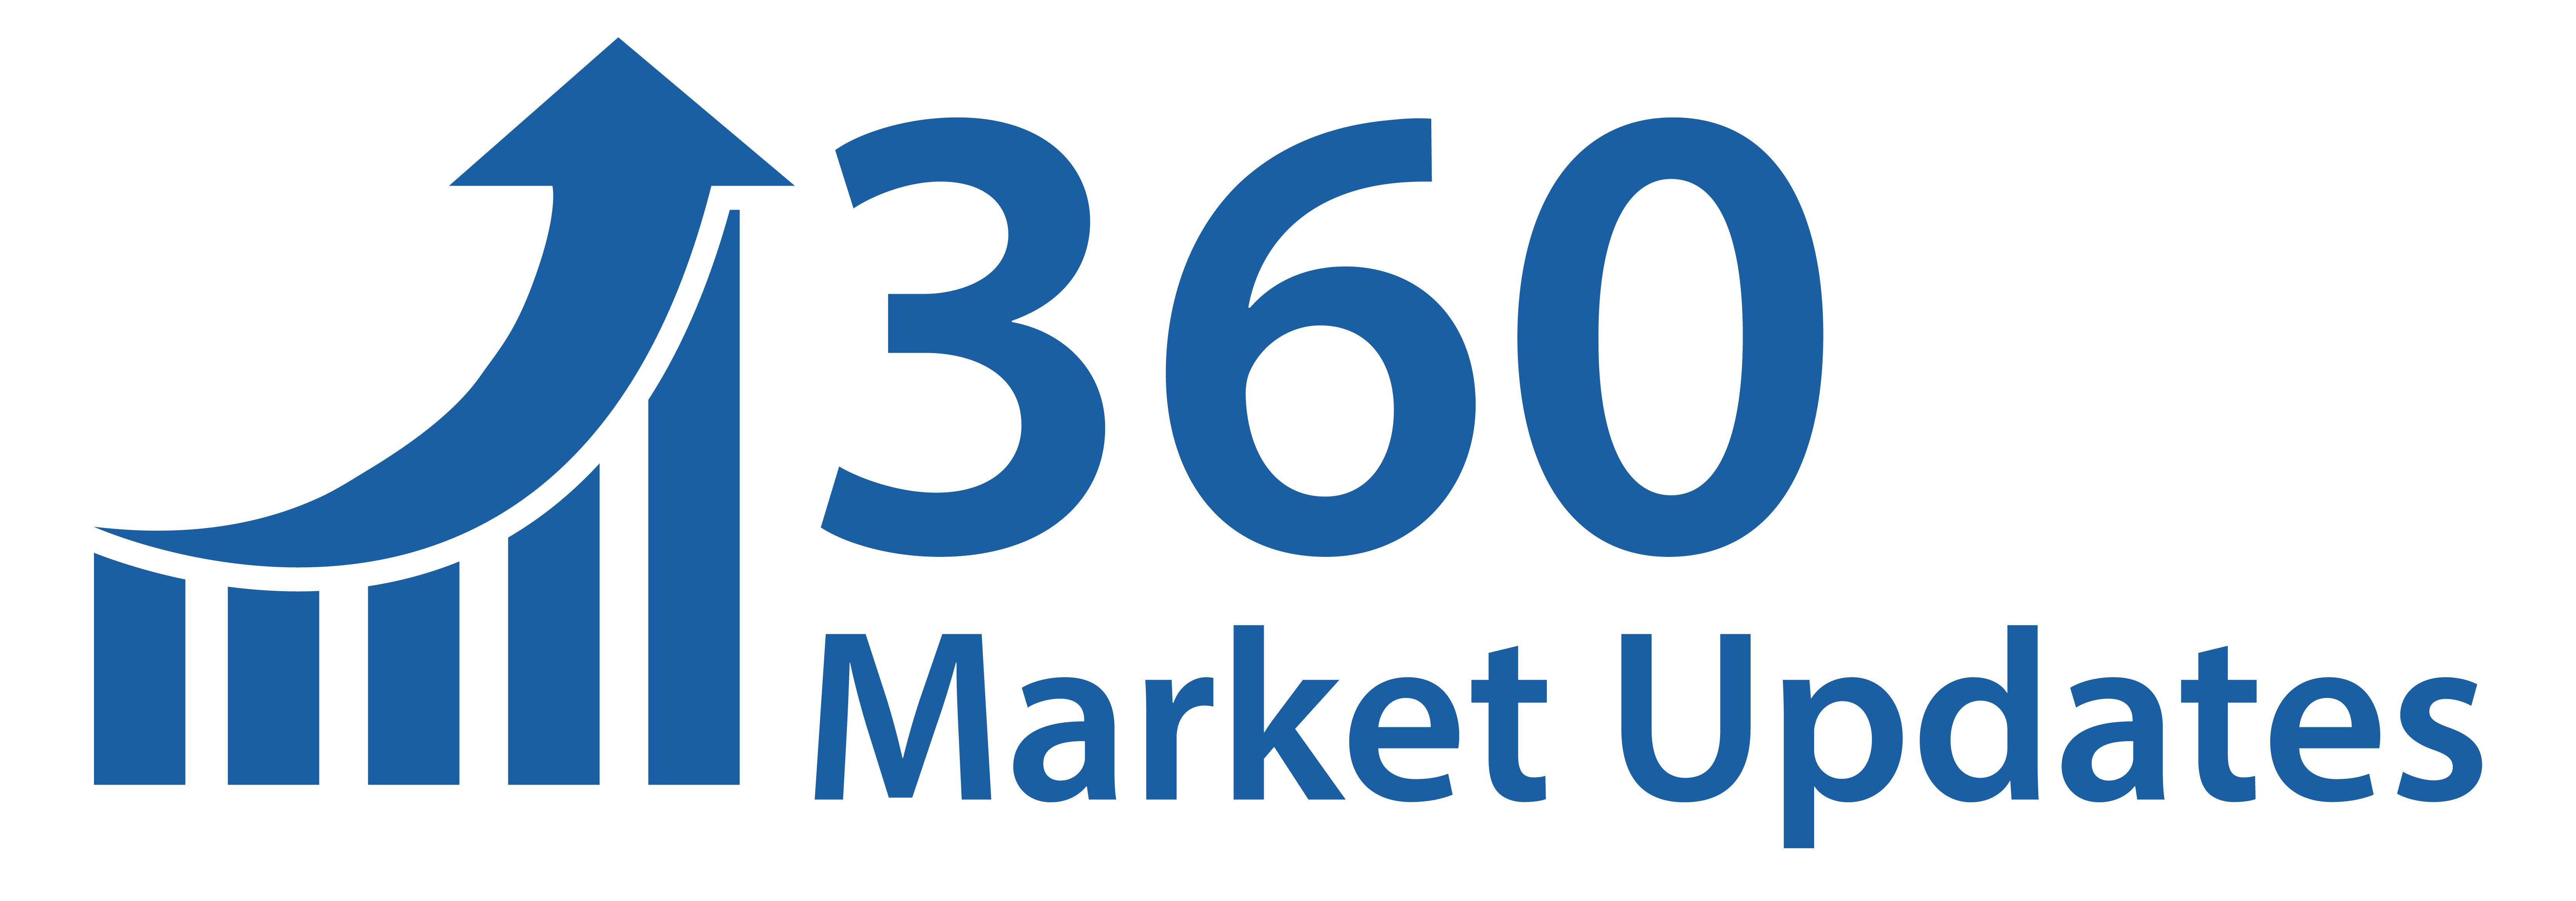 Mercado Mundial de Vacunas de Varicela 2020 a Mostrar Un Crecimiento Impresionante para 2025 Tendencias de la industria, Compartir, Tamaño, Principales Jugadores Clave Análisis e Investigación de Pronósticos